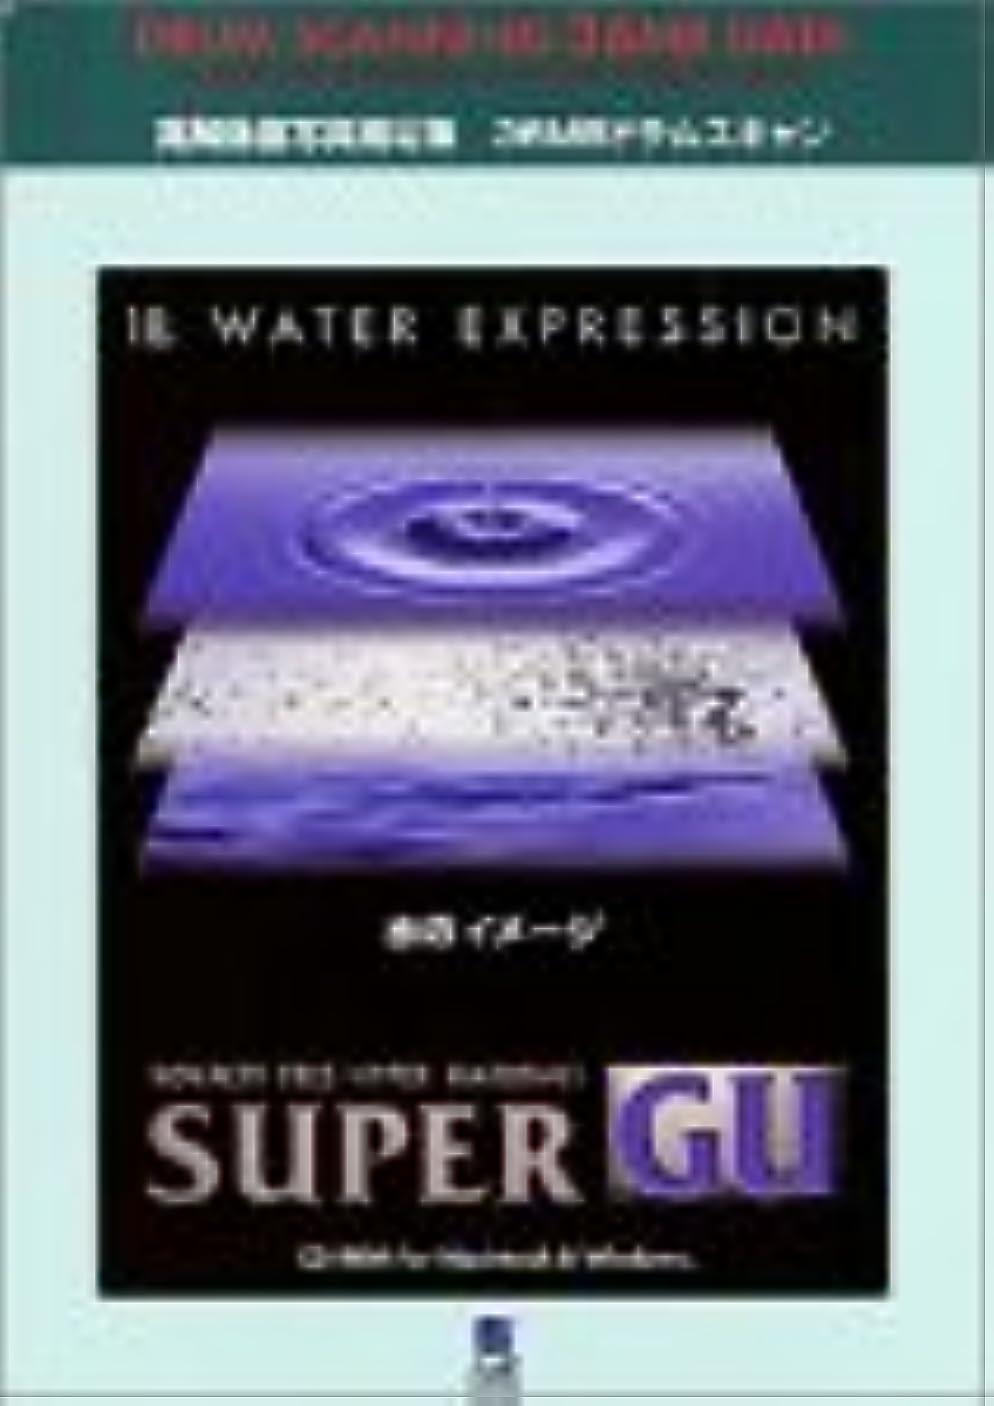 Super GU 18 Water Expression